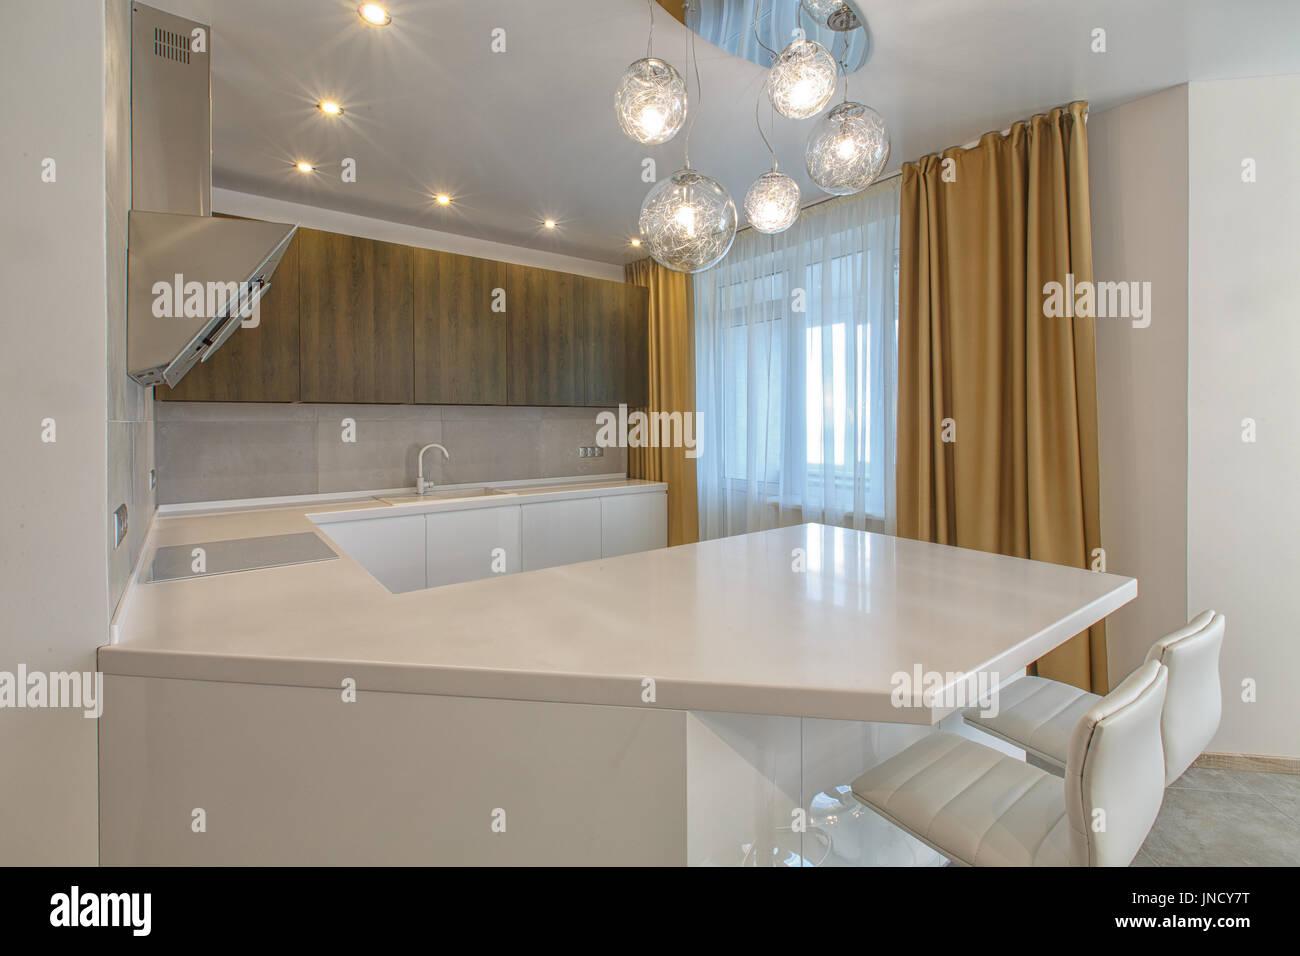 Espacio abierto contemporáneo cocina en un apartamento de lujo ...